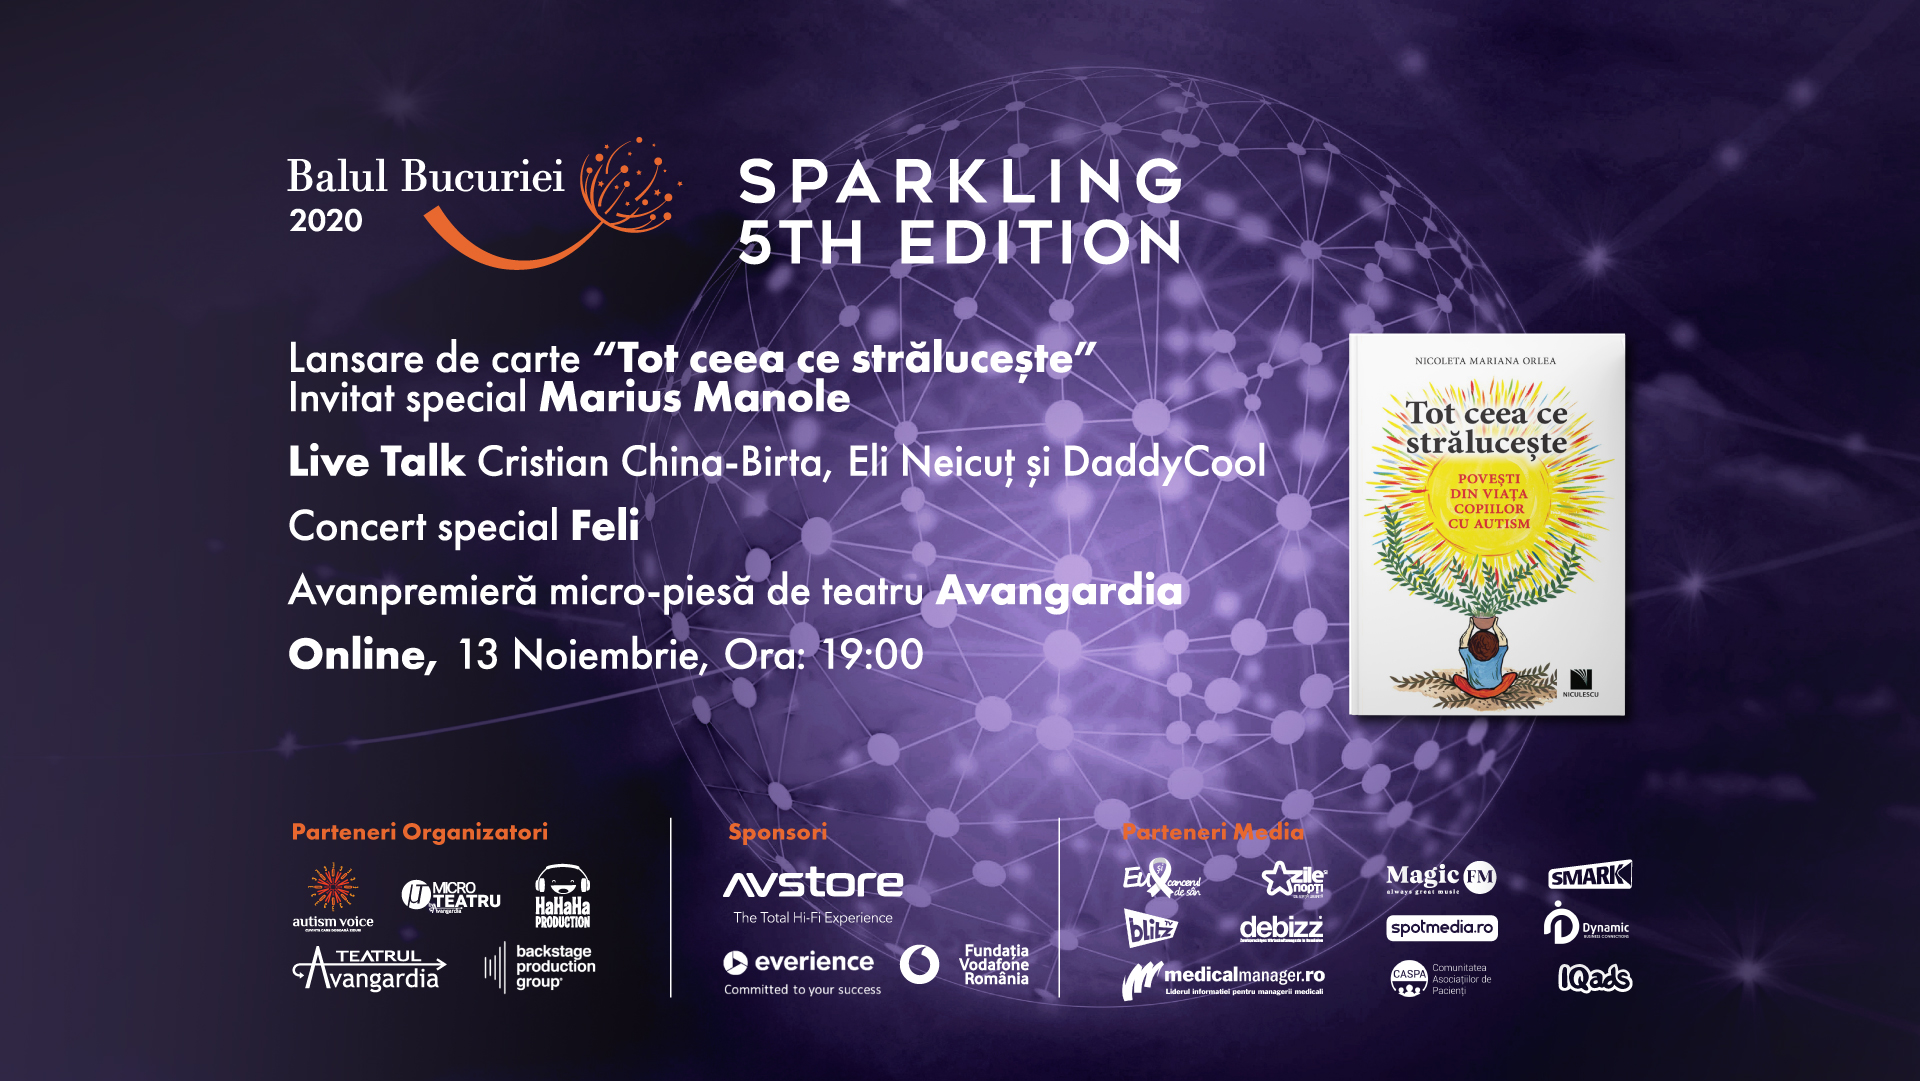 Vineri, 13 noiembrie: Balul Bucuriei Sparkling 5th Edition